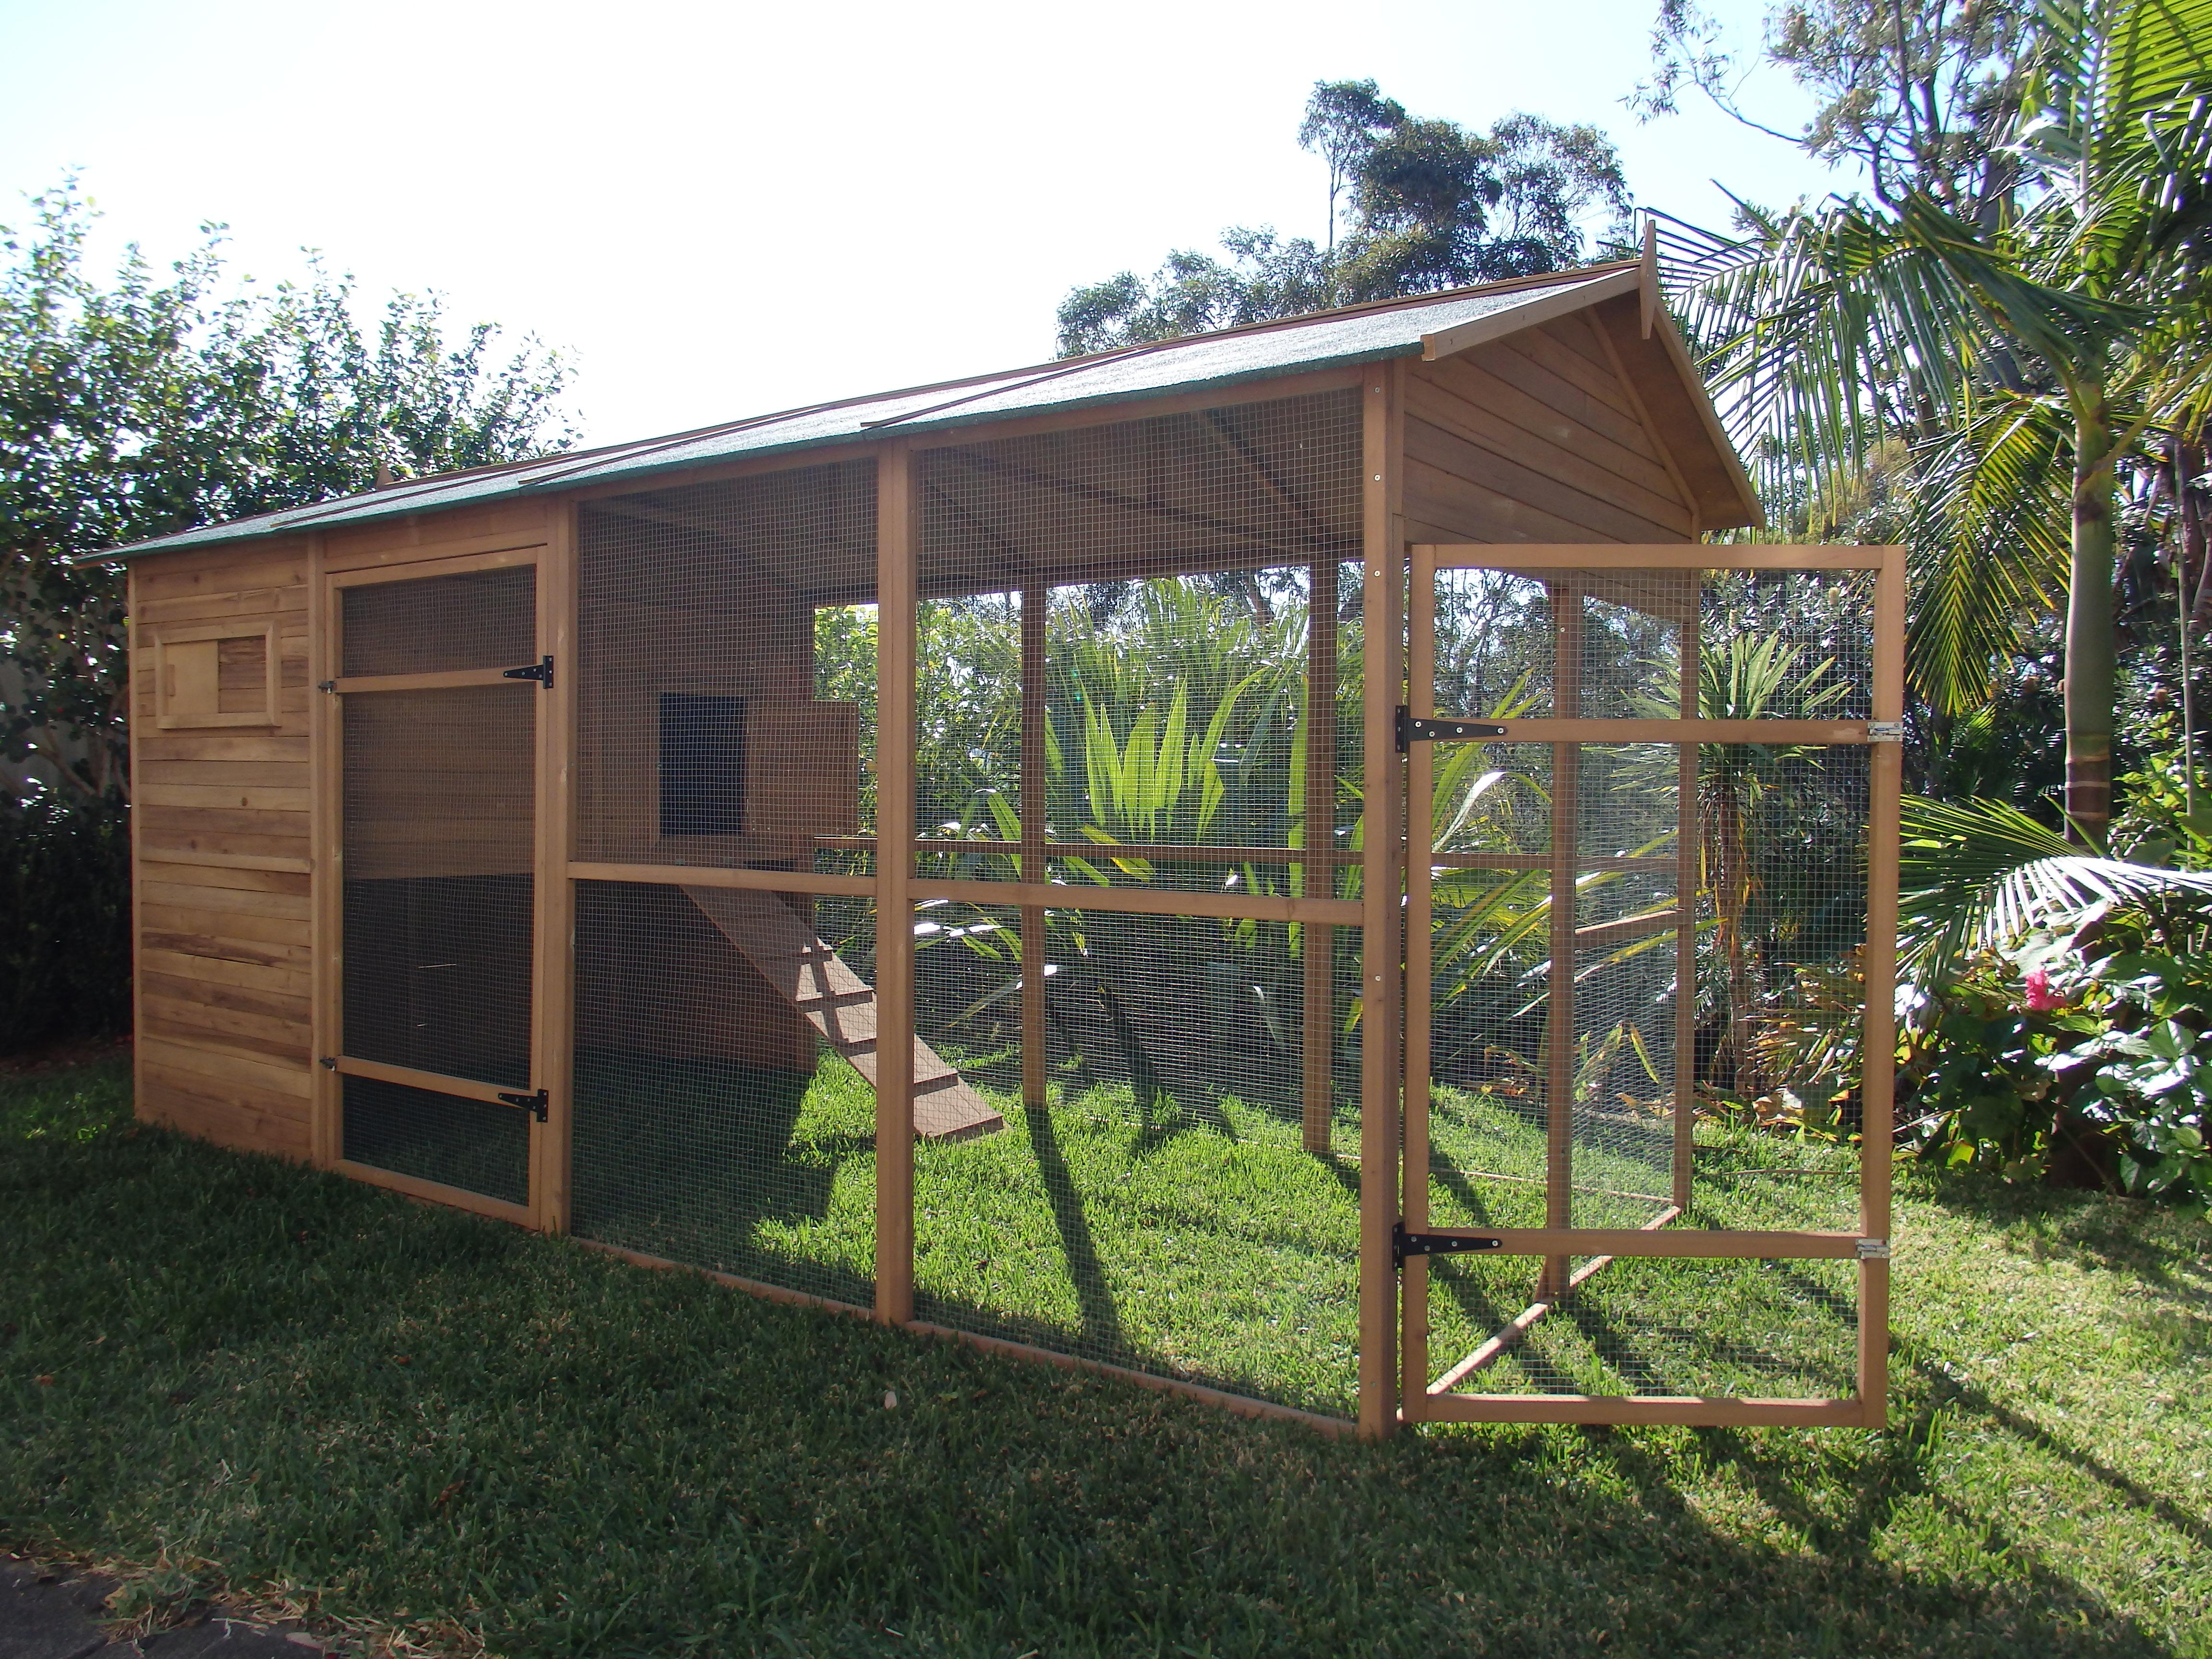 Catio - Outdoor Cat enclosure gallery image